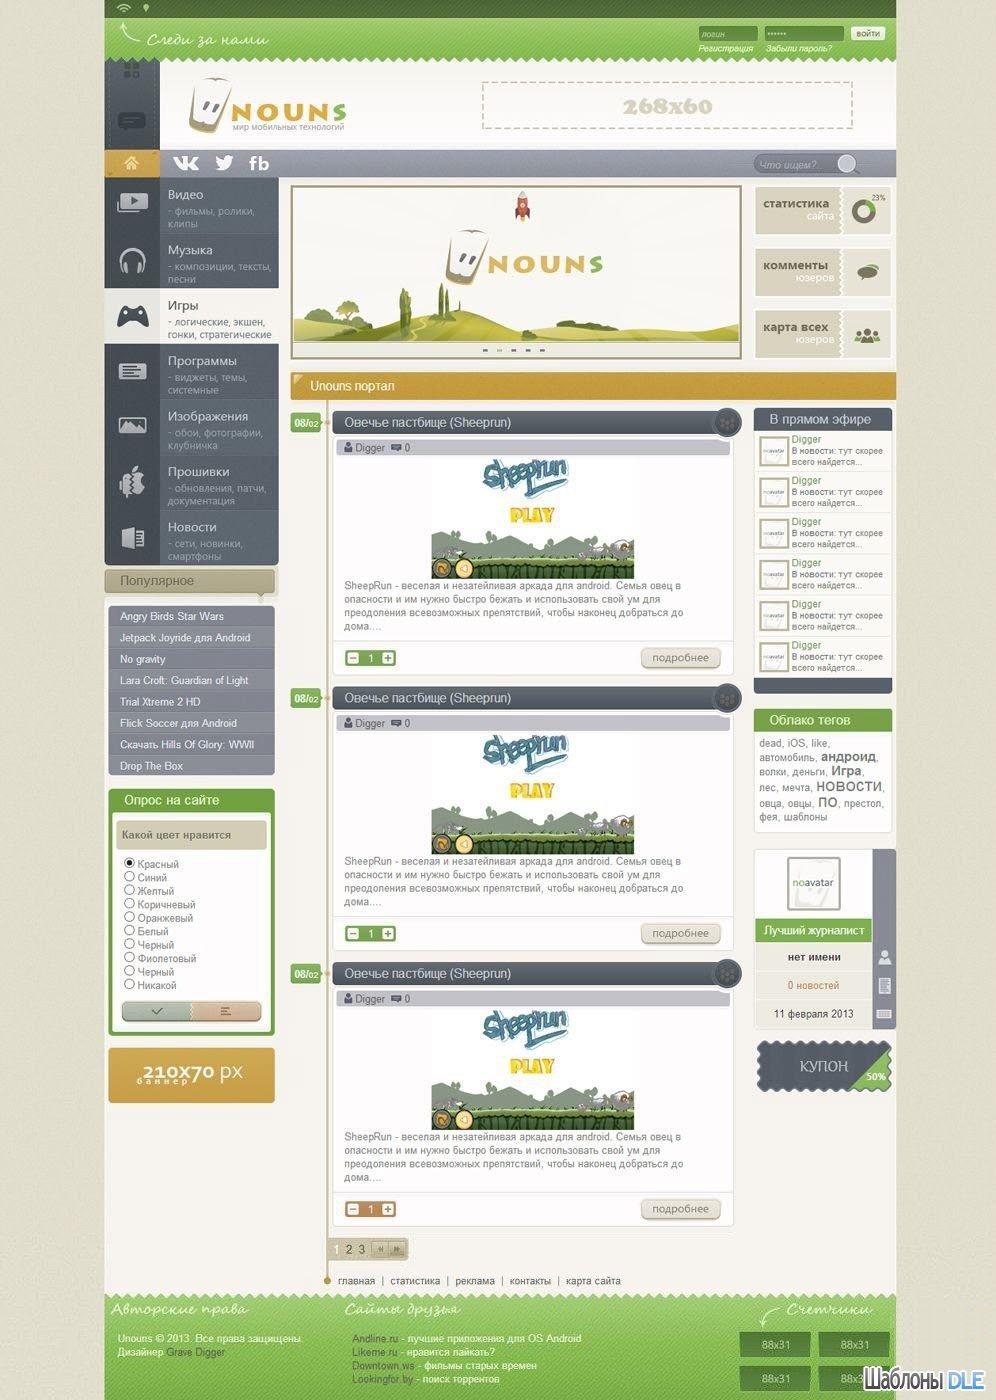 Template Unouns for DLE 11.2 » WebStarter.Me - Custom Website Design!